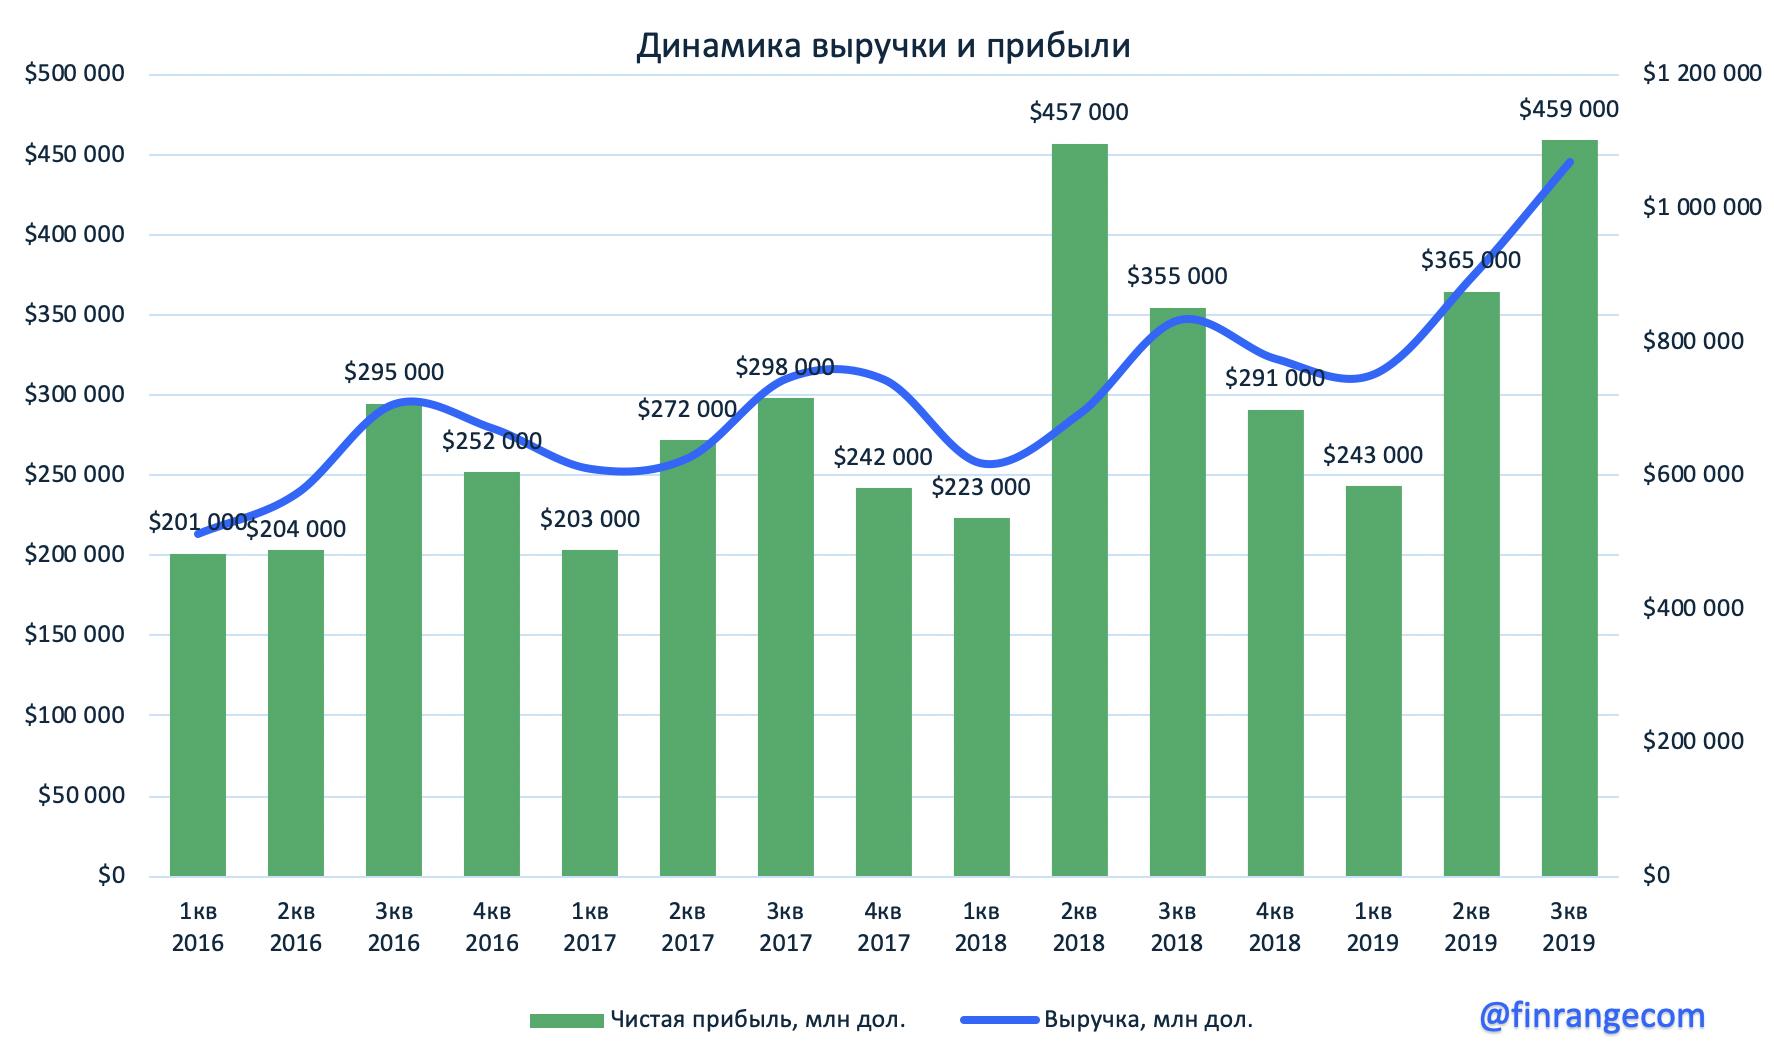 Полюс: Финансовые результаты за III кв. 2019 г. по МСФО